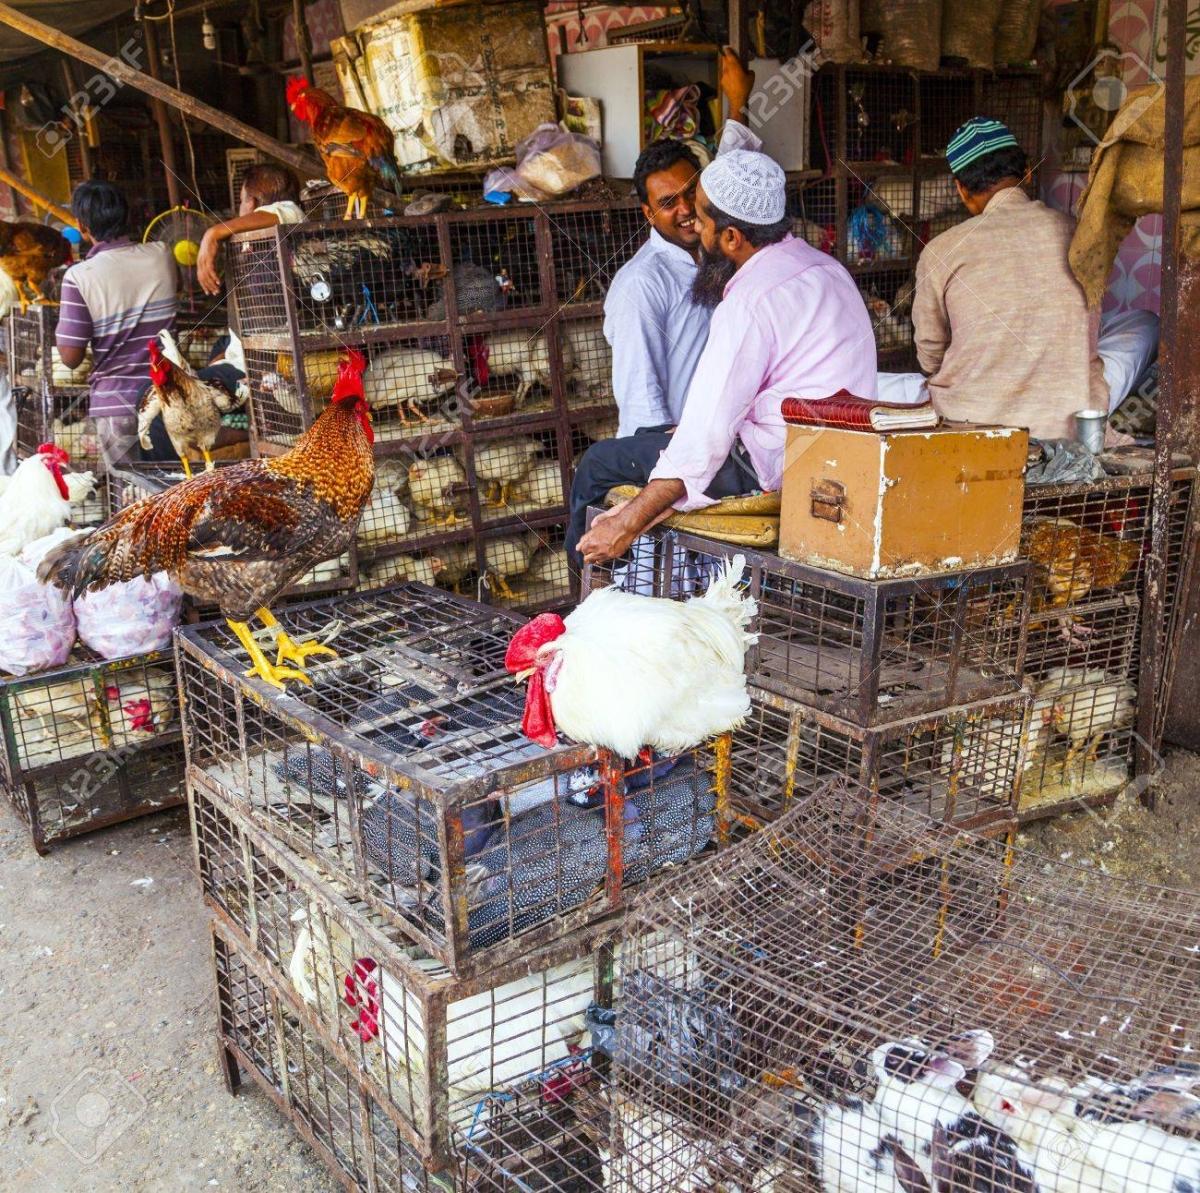 कोरोना : 100 में चार मुर्गियां, फिर भी खरीदार नहीं